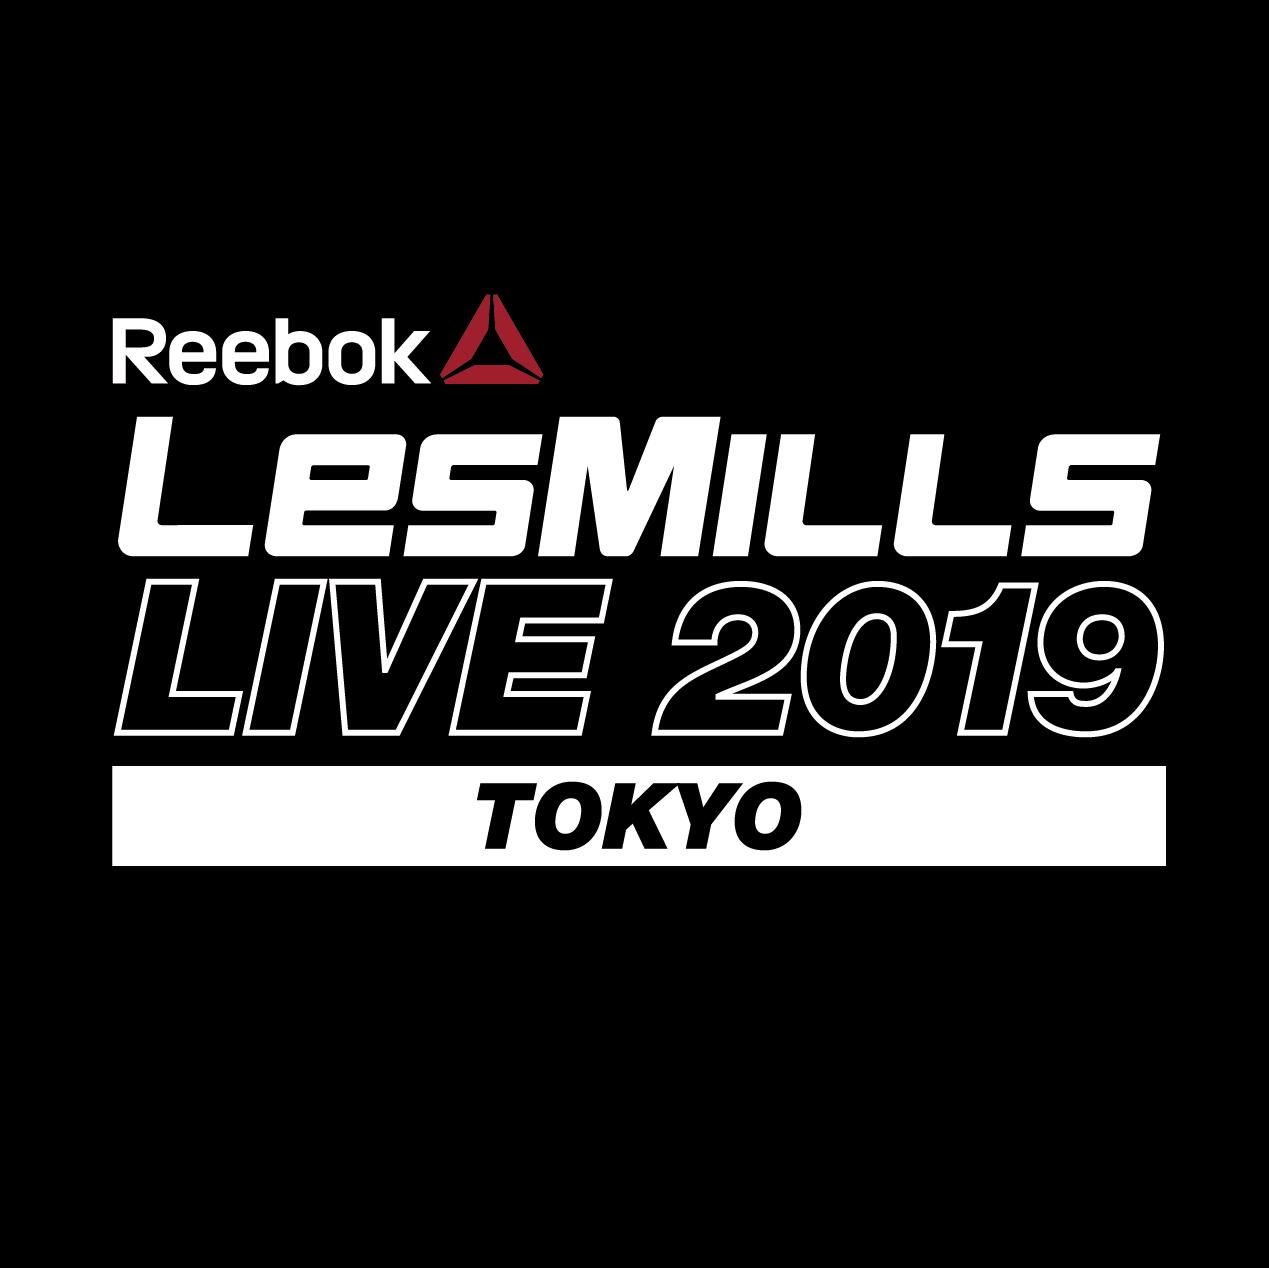 レズミルズライブ2019 TOKYO (LES MILLS LIVE 2019 TOKYO)